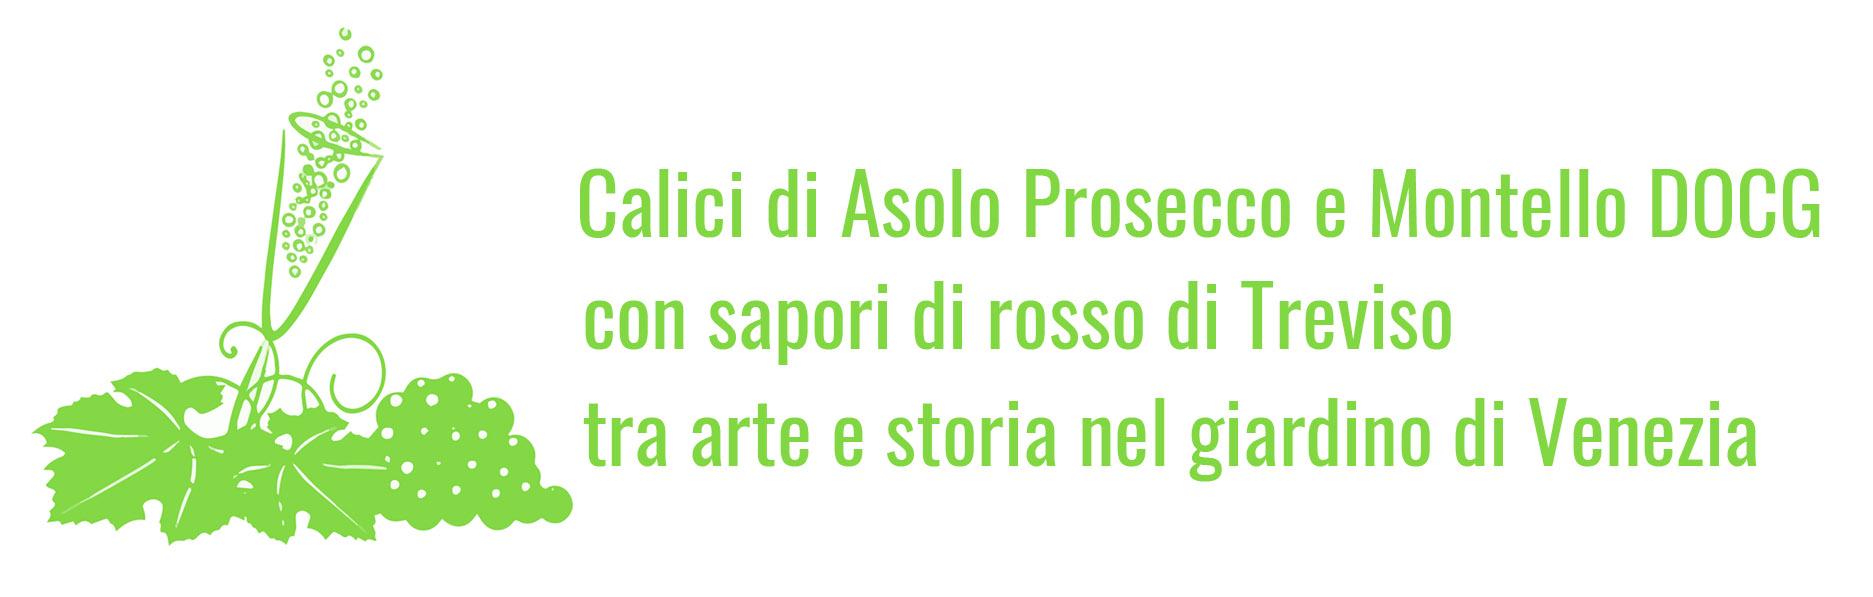 Calici di Asolo Prosecco e Montello DOCG con sapori di rosso di Treviso